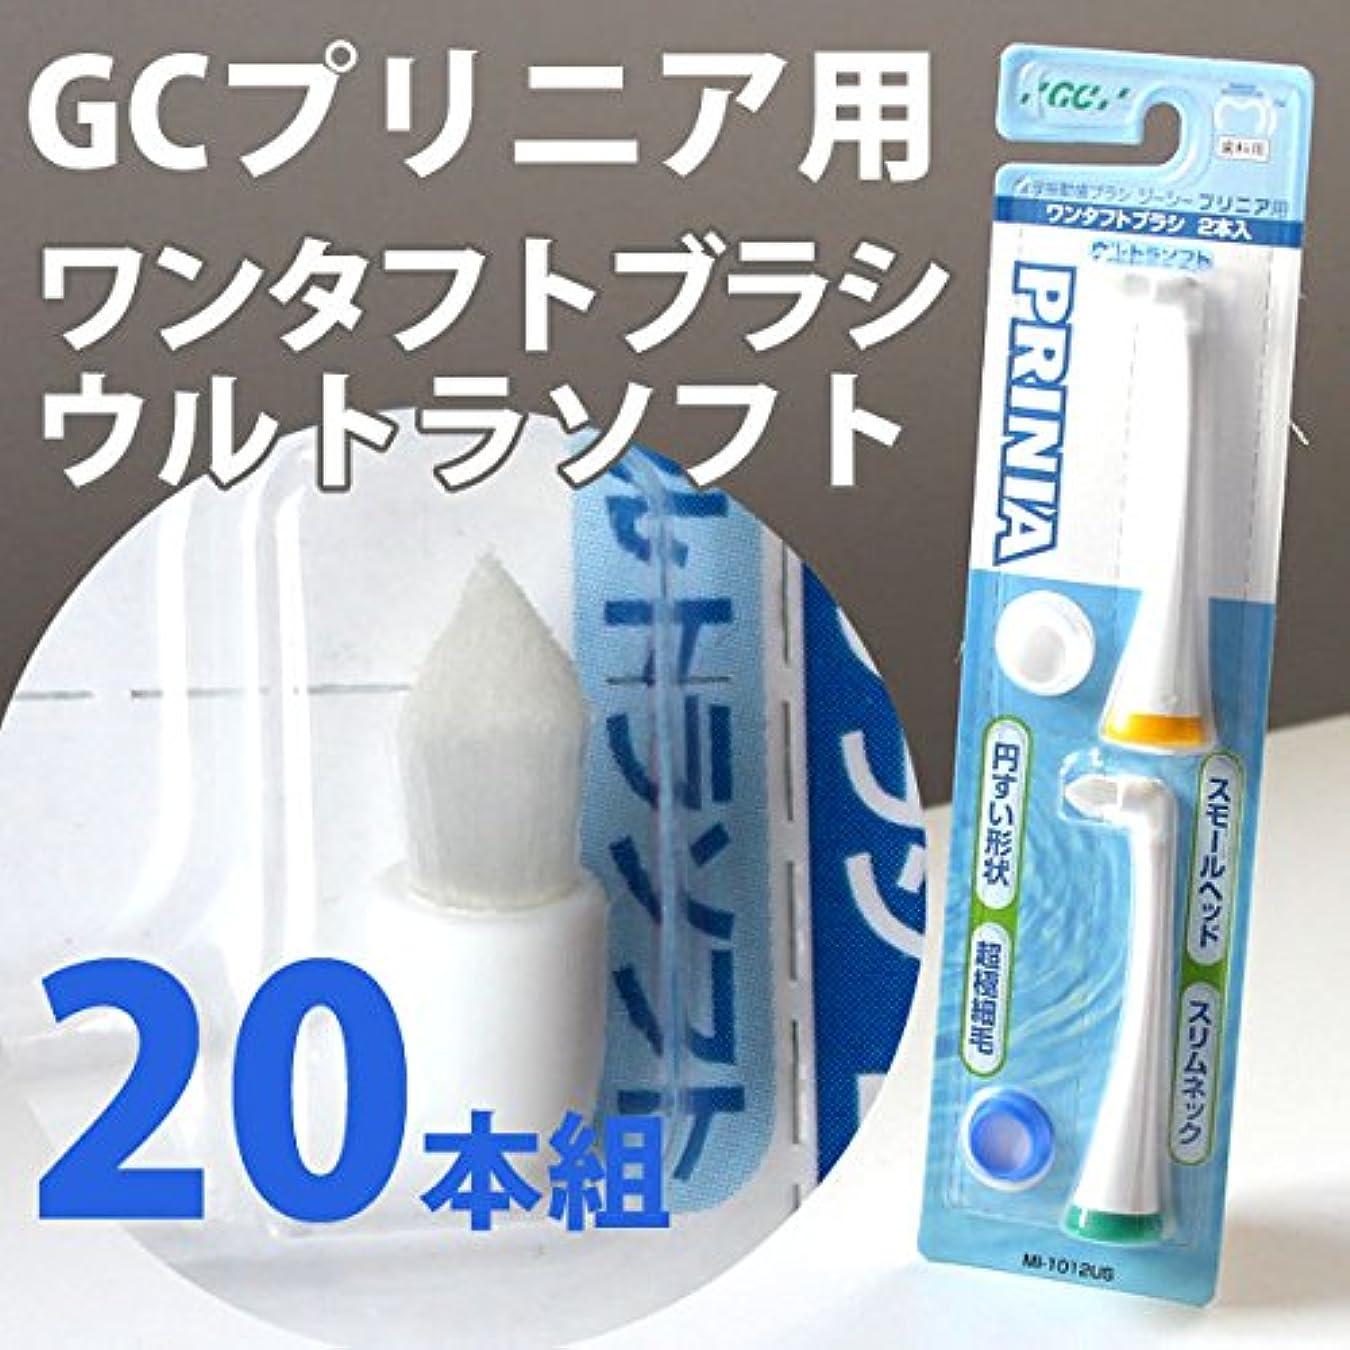 遠え機構前書きプリニア ワンタフト GC 音波振動歯ブラシ プリニアスリム 替えブラシ ブラシ(ウルトラソフト) 10セットル便